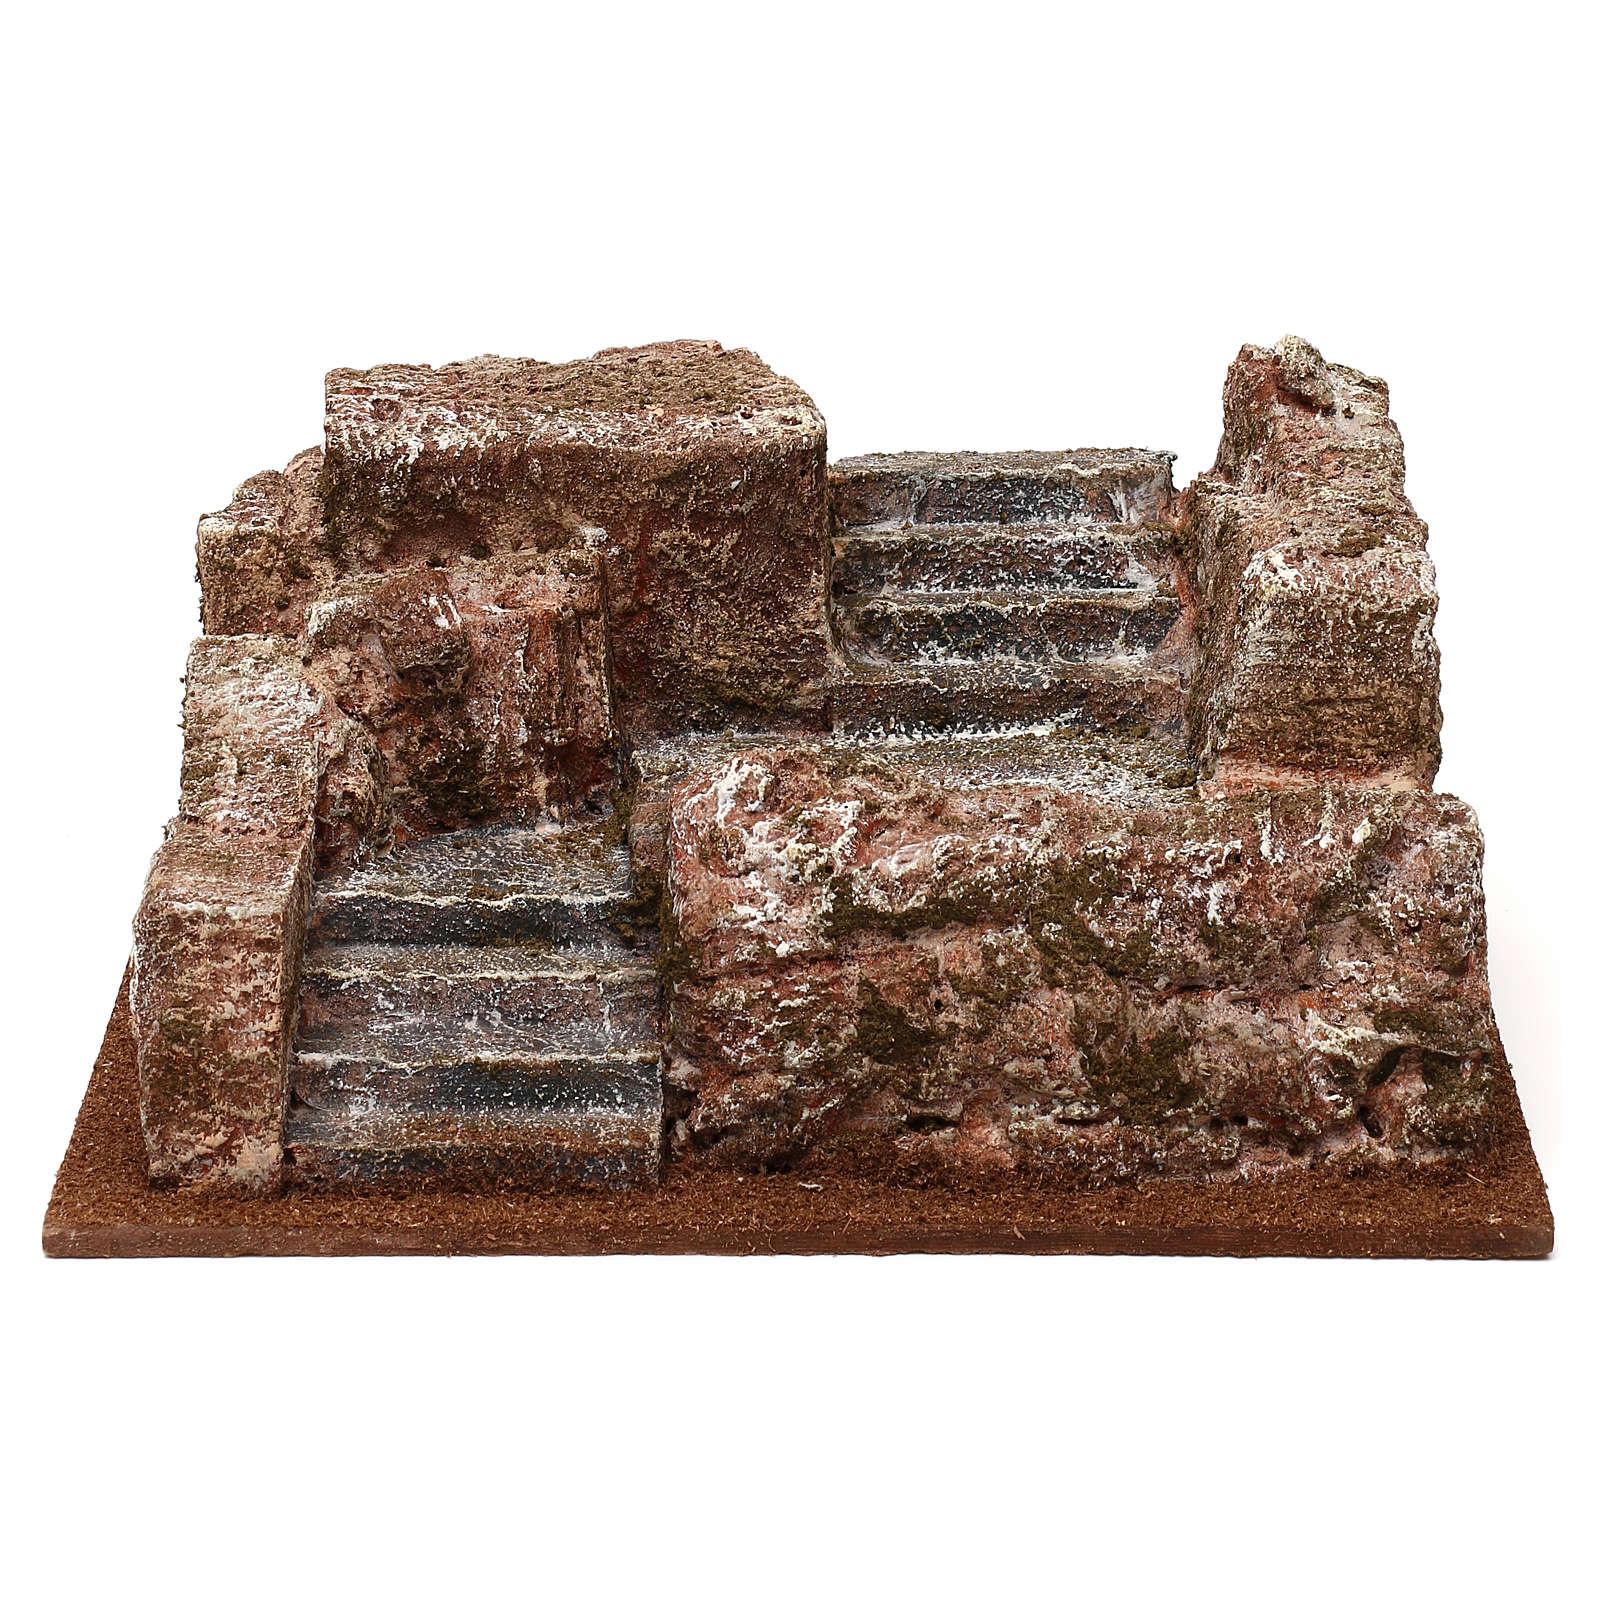 Escalera tipo roca belén 10x25x15 cm 4